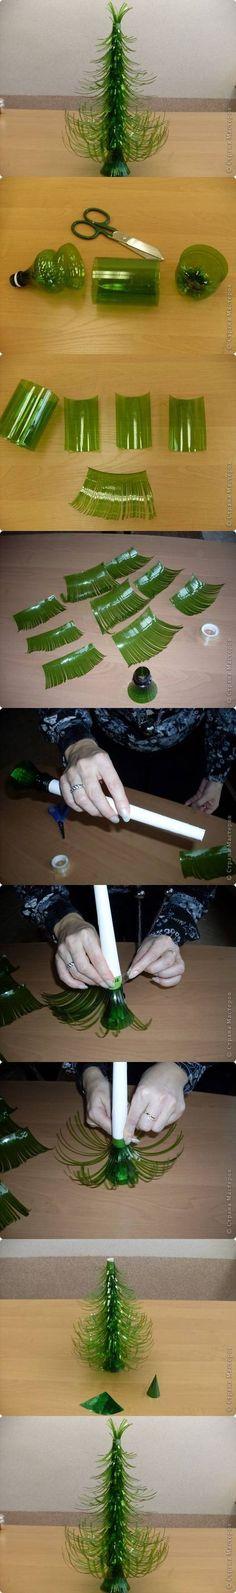 Cómo hacer un árbol de Navidad ecológico, reciclando una botella de plástico